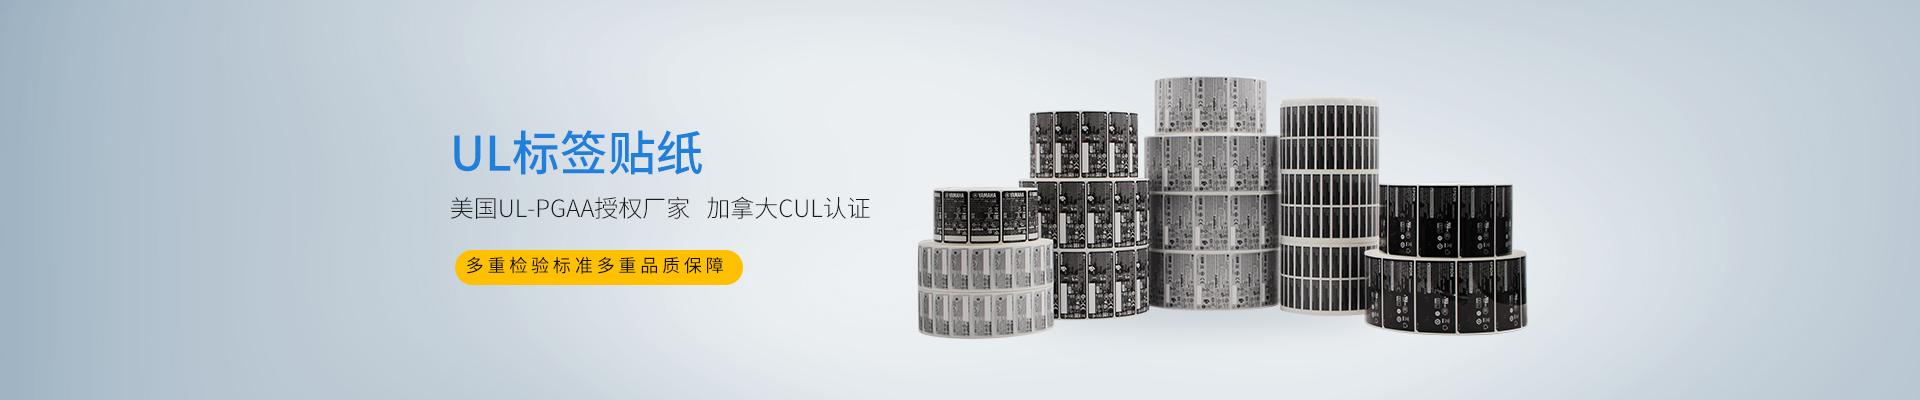 昱枰UL标签贴纸-多重检验标准多重品质保障